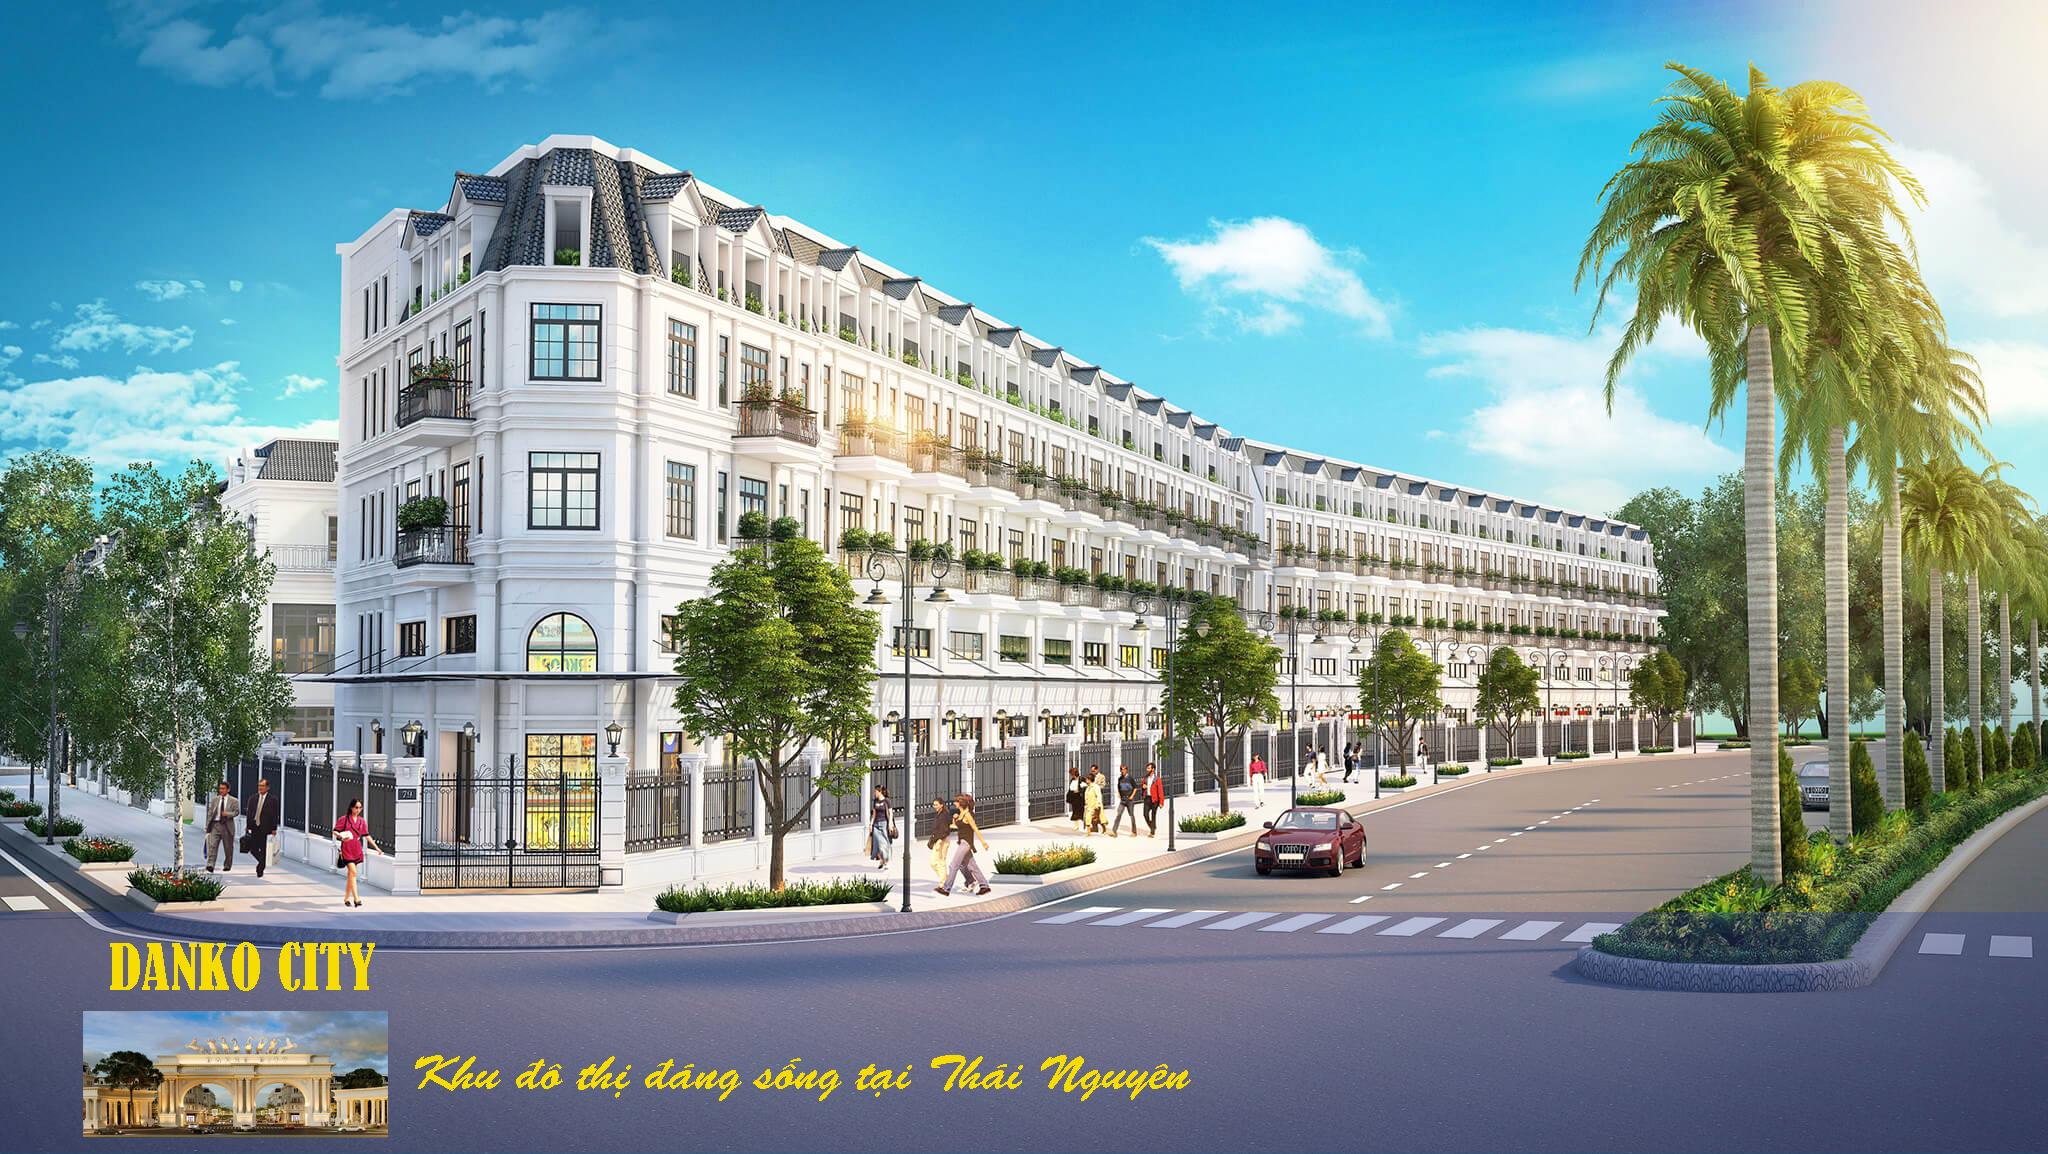 Danko City khu đô thị đáng sống tại Thái Nguyên